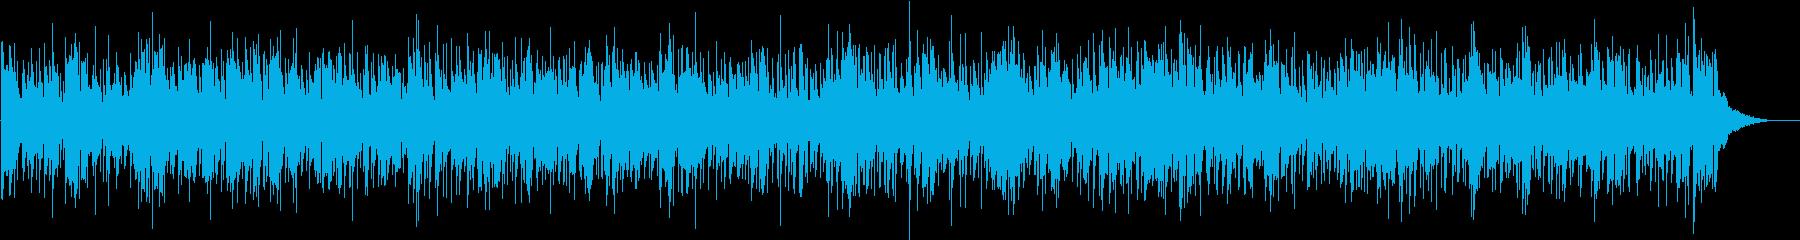 ハーモニカ中心のアコースティックフォークの再生済みの波形